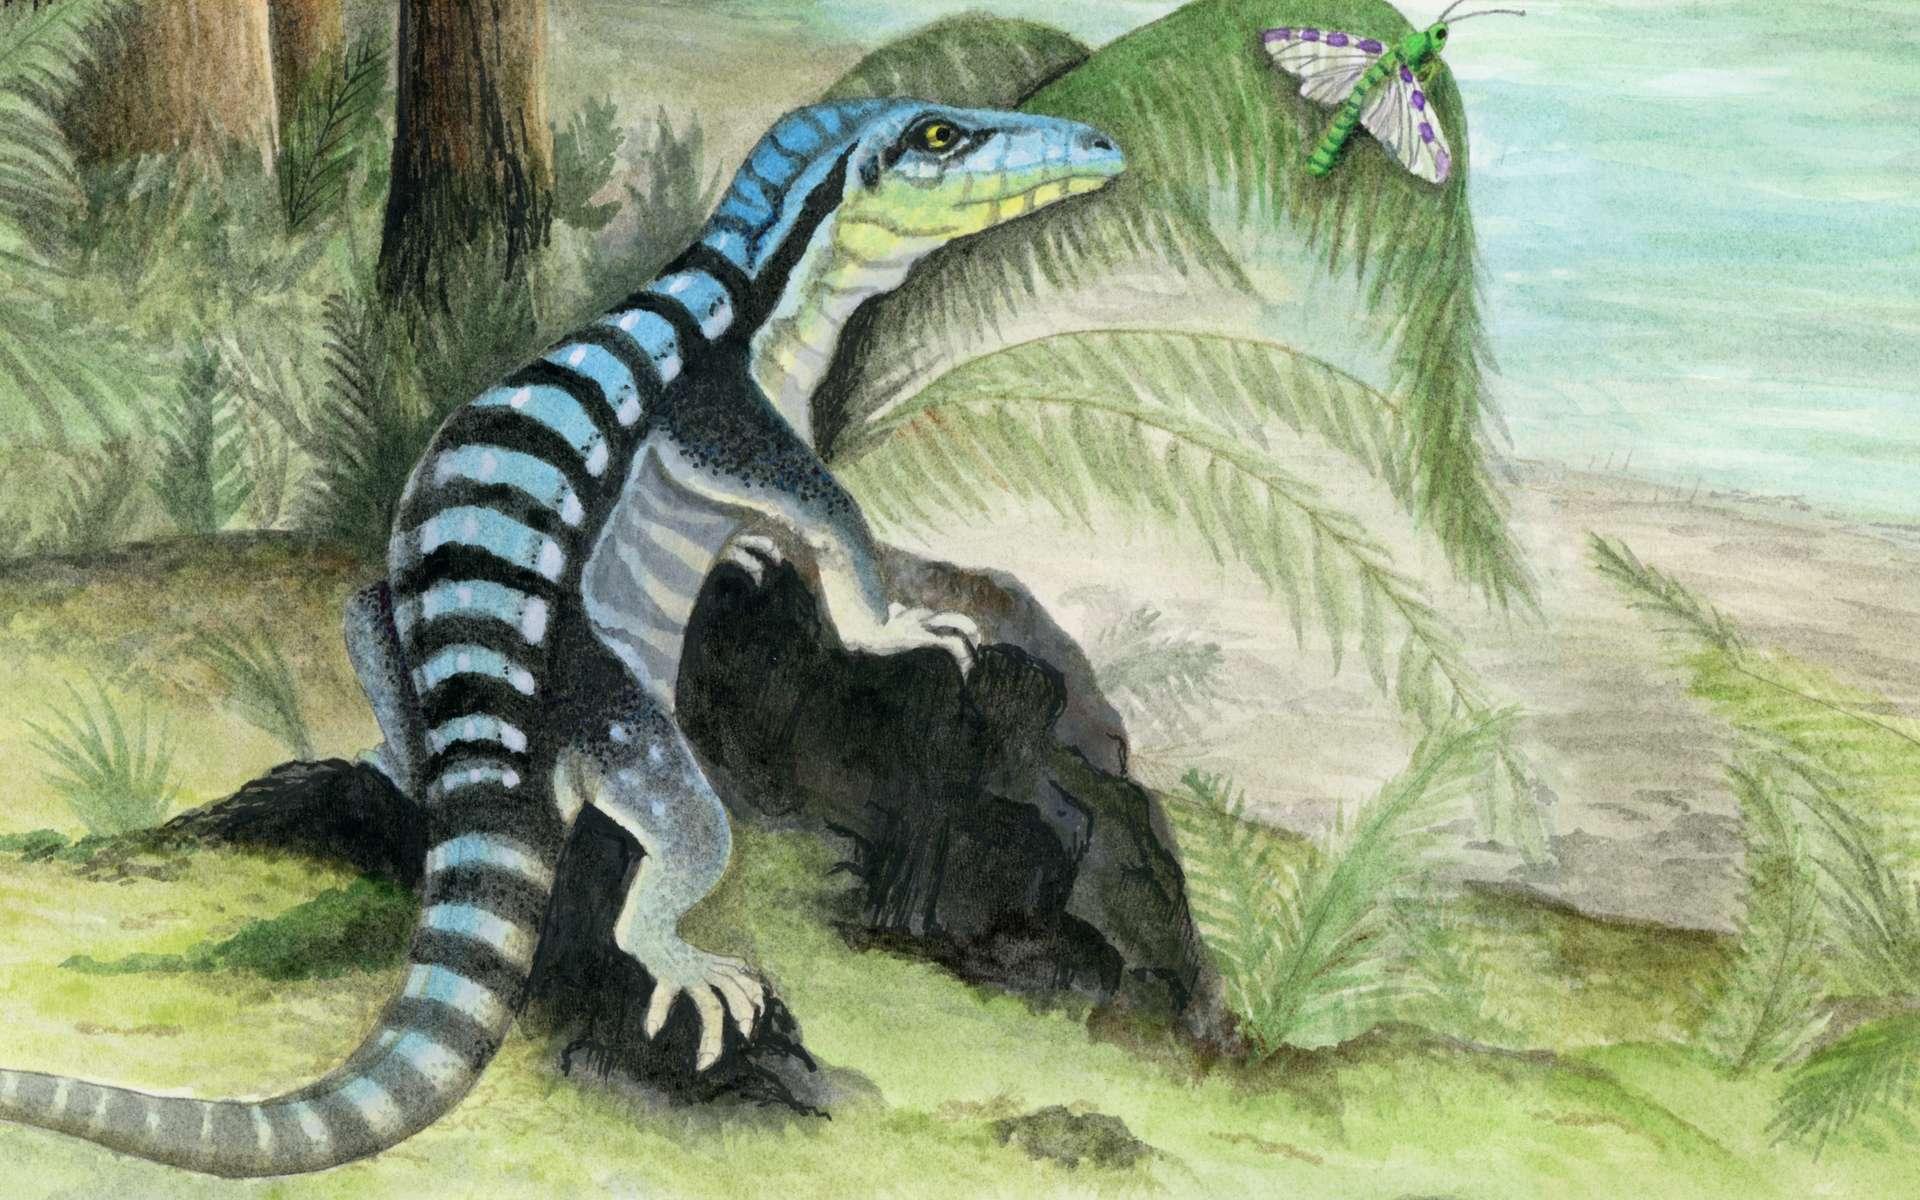 Cet iguane qui vivait en Antarctique est un ancêtre des dinosaures et des crocodiles. © Adrienne Stroup, Field Museum